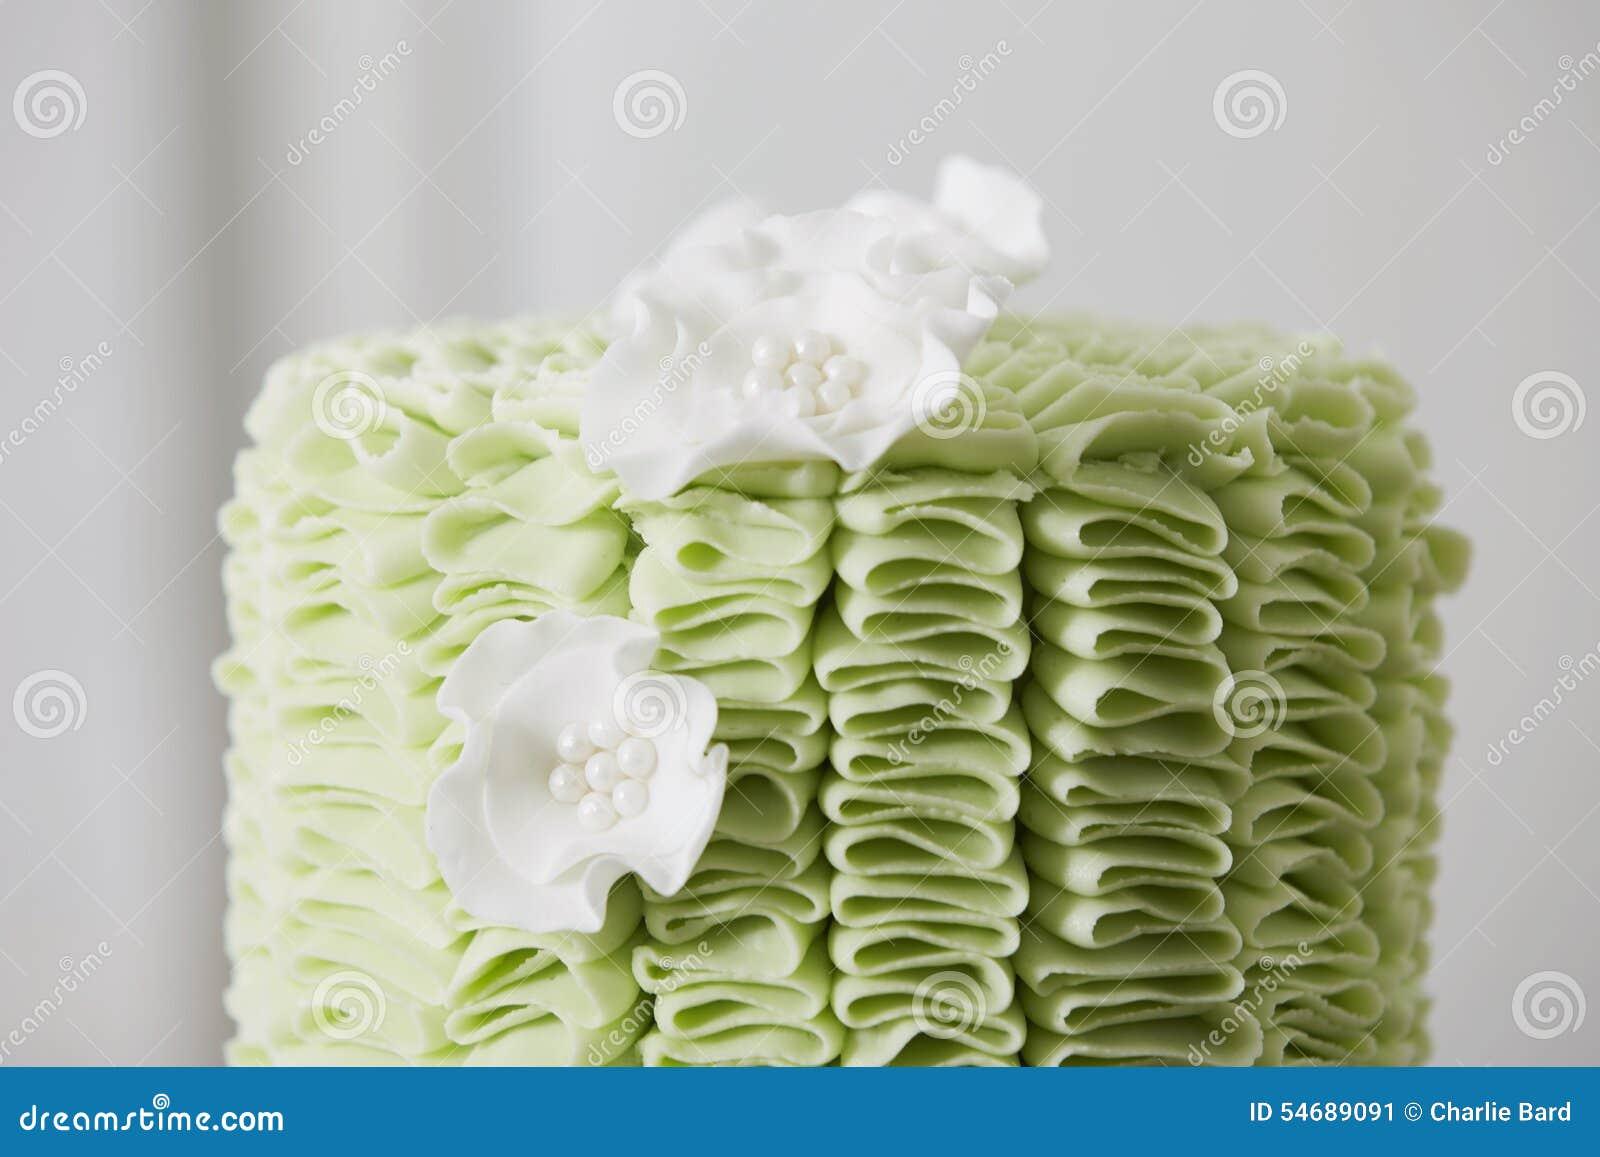 Kuchen mit Fondant-Rüschen und Sugar Flowers